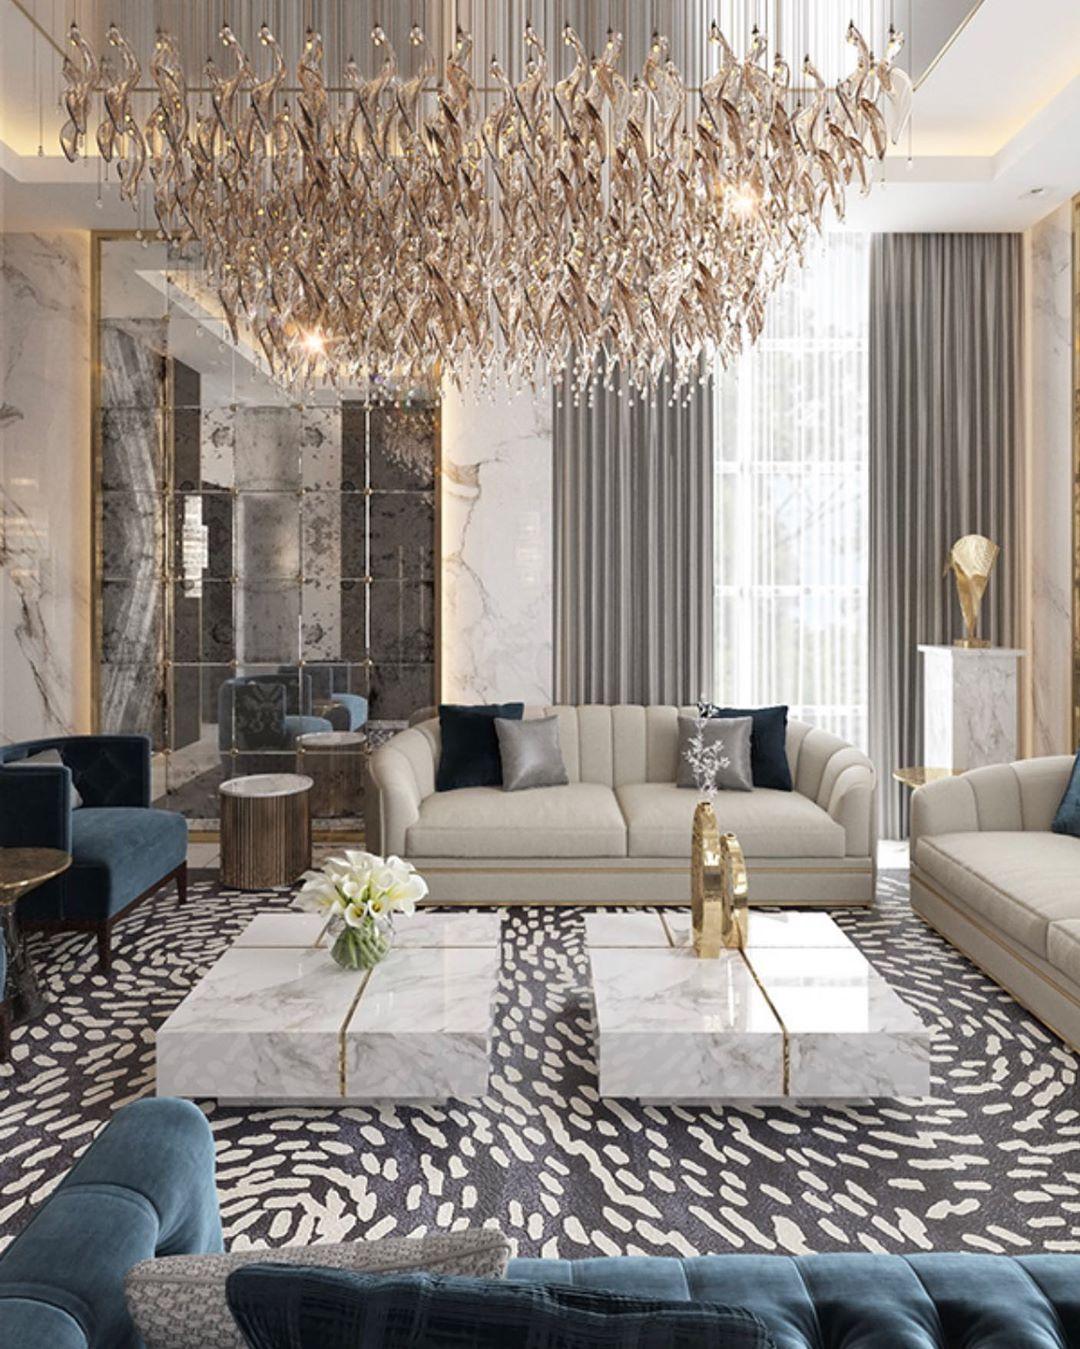 Mi Piace 1 964 Commenti 13 T H I Interiors Thehauteinteriors Su Instagram Thi Living Room Design Decor Luxury Living Room Luxury Living Room Decor Living room ideas luxury